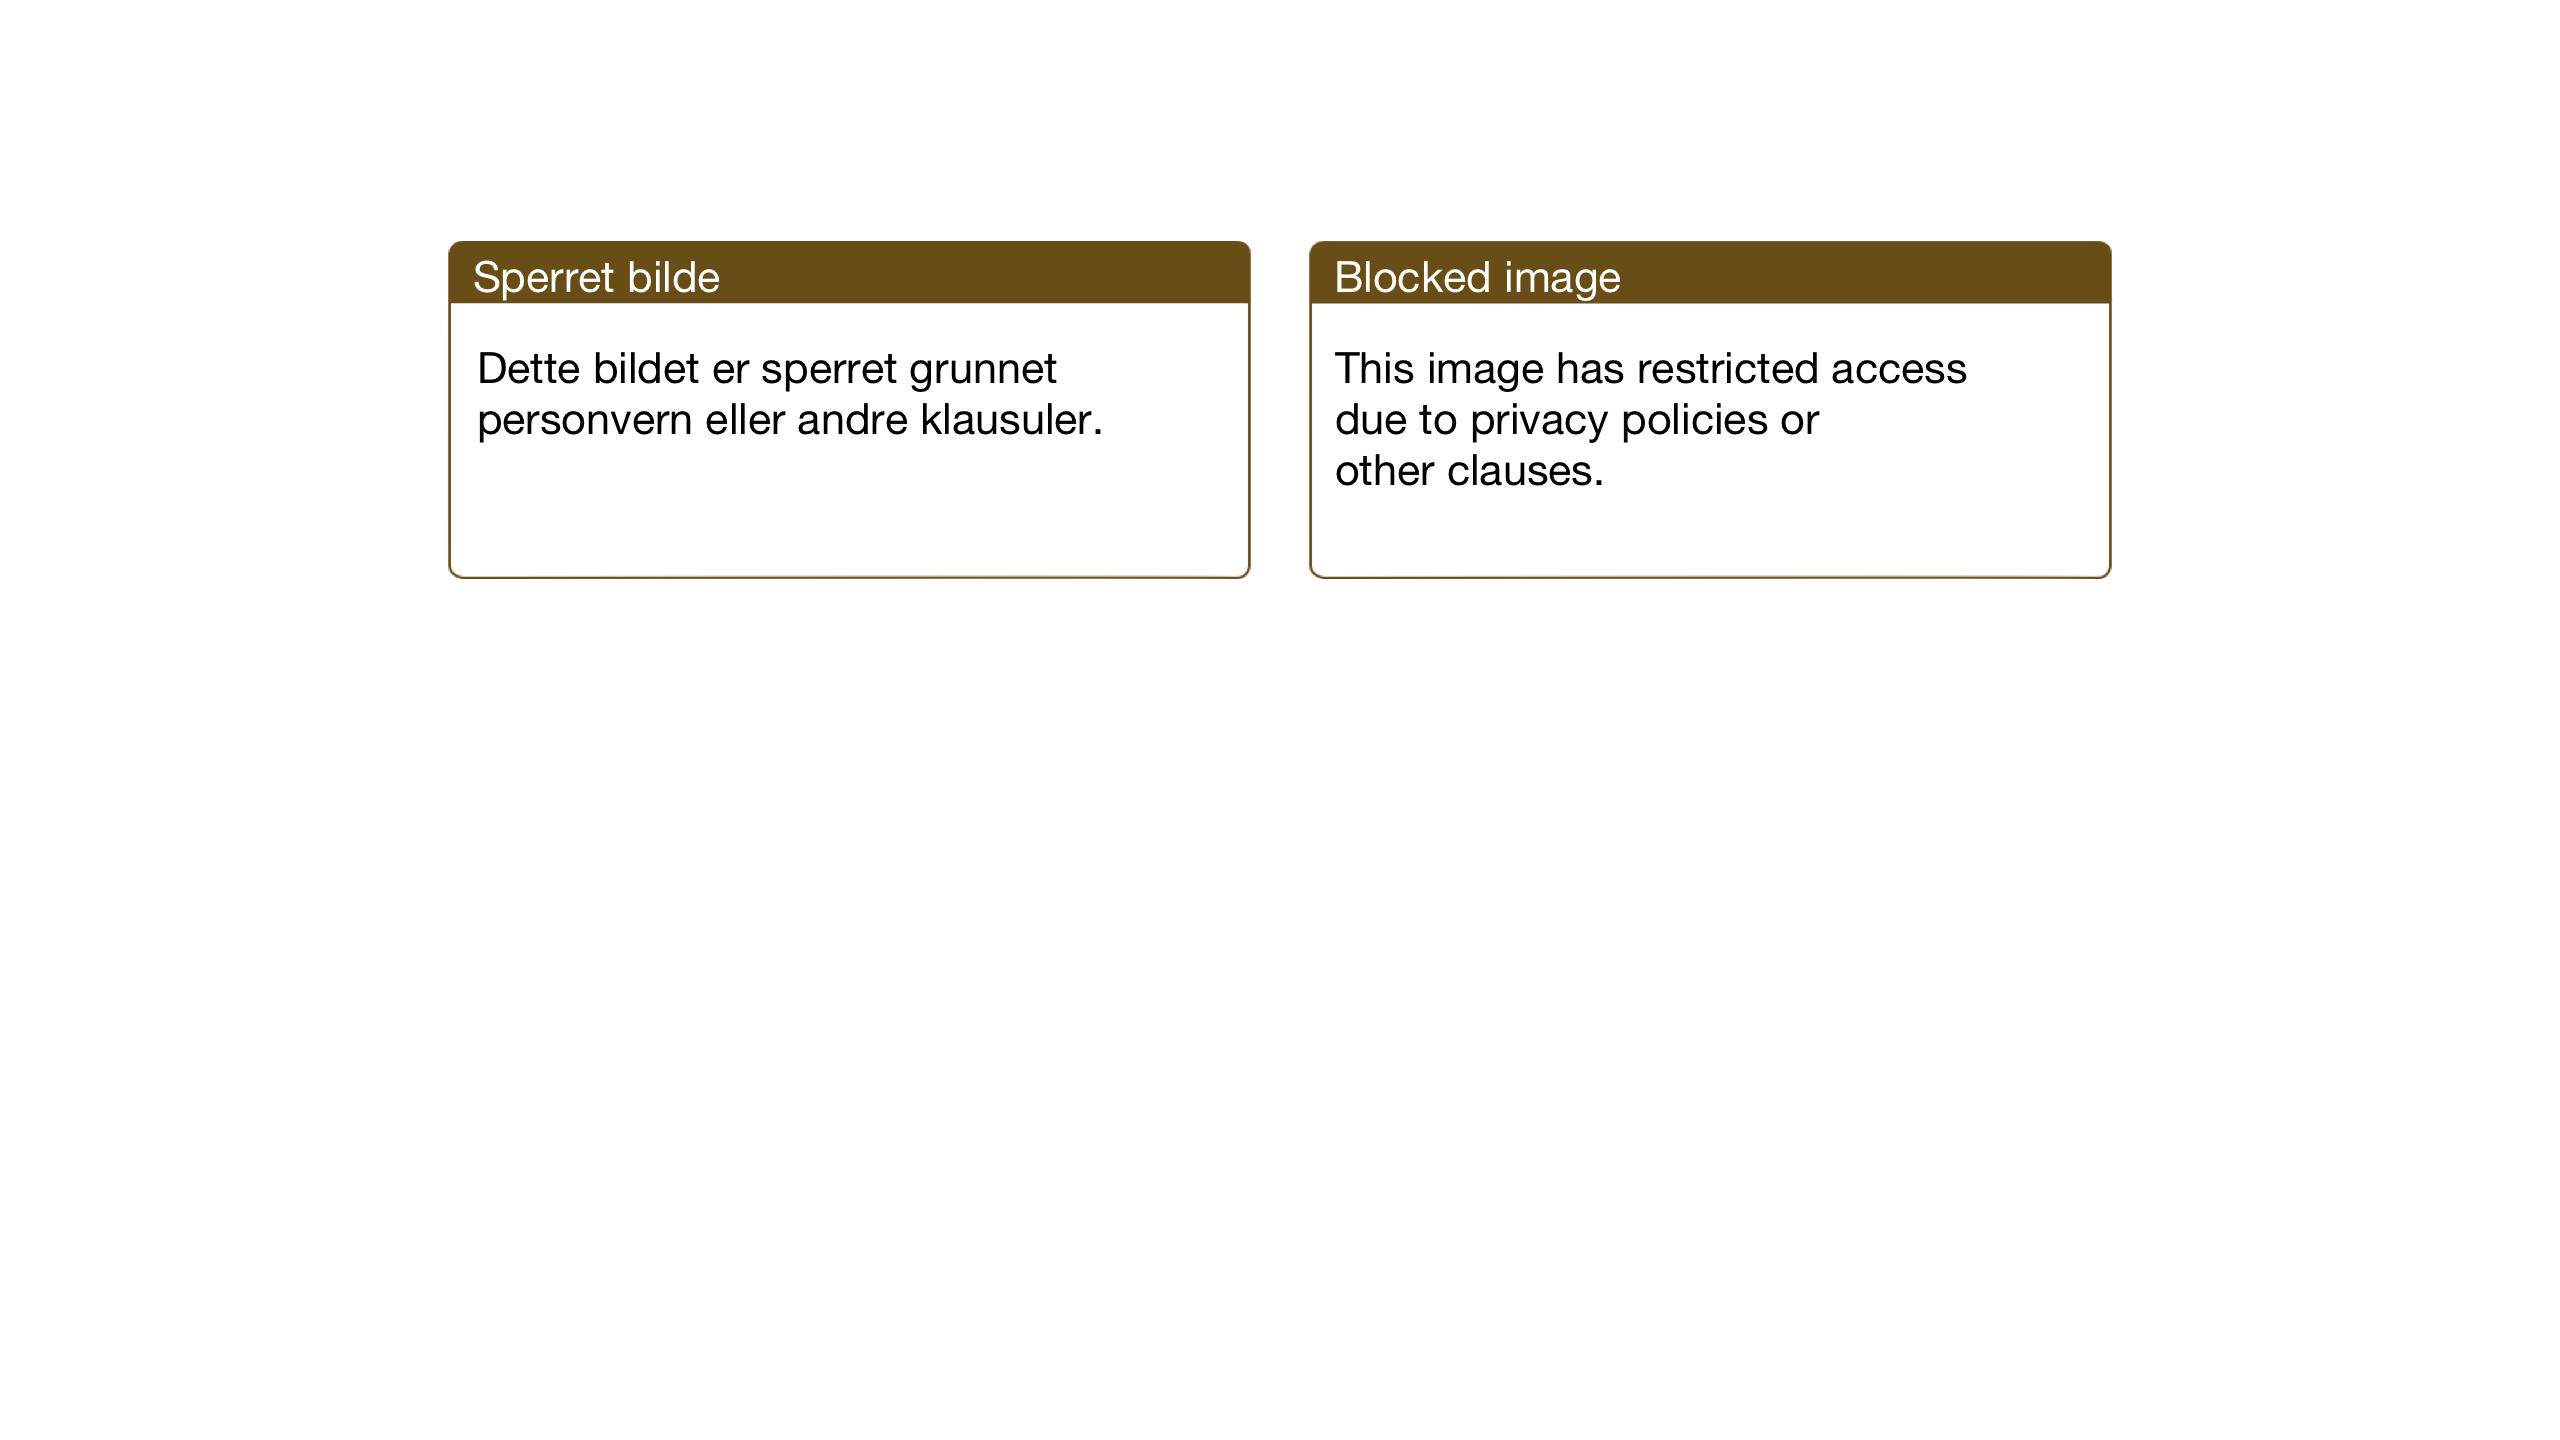 SAT, Ministerialprotokoller, klokkerbøker og fødselsregistre - Nord-Trøndelag, 719/L0180: Klokkerbok nr. 719C01, 1878-1940, s. 44